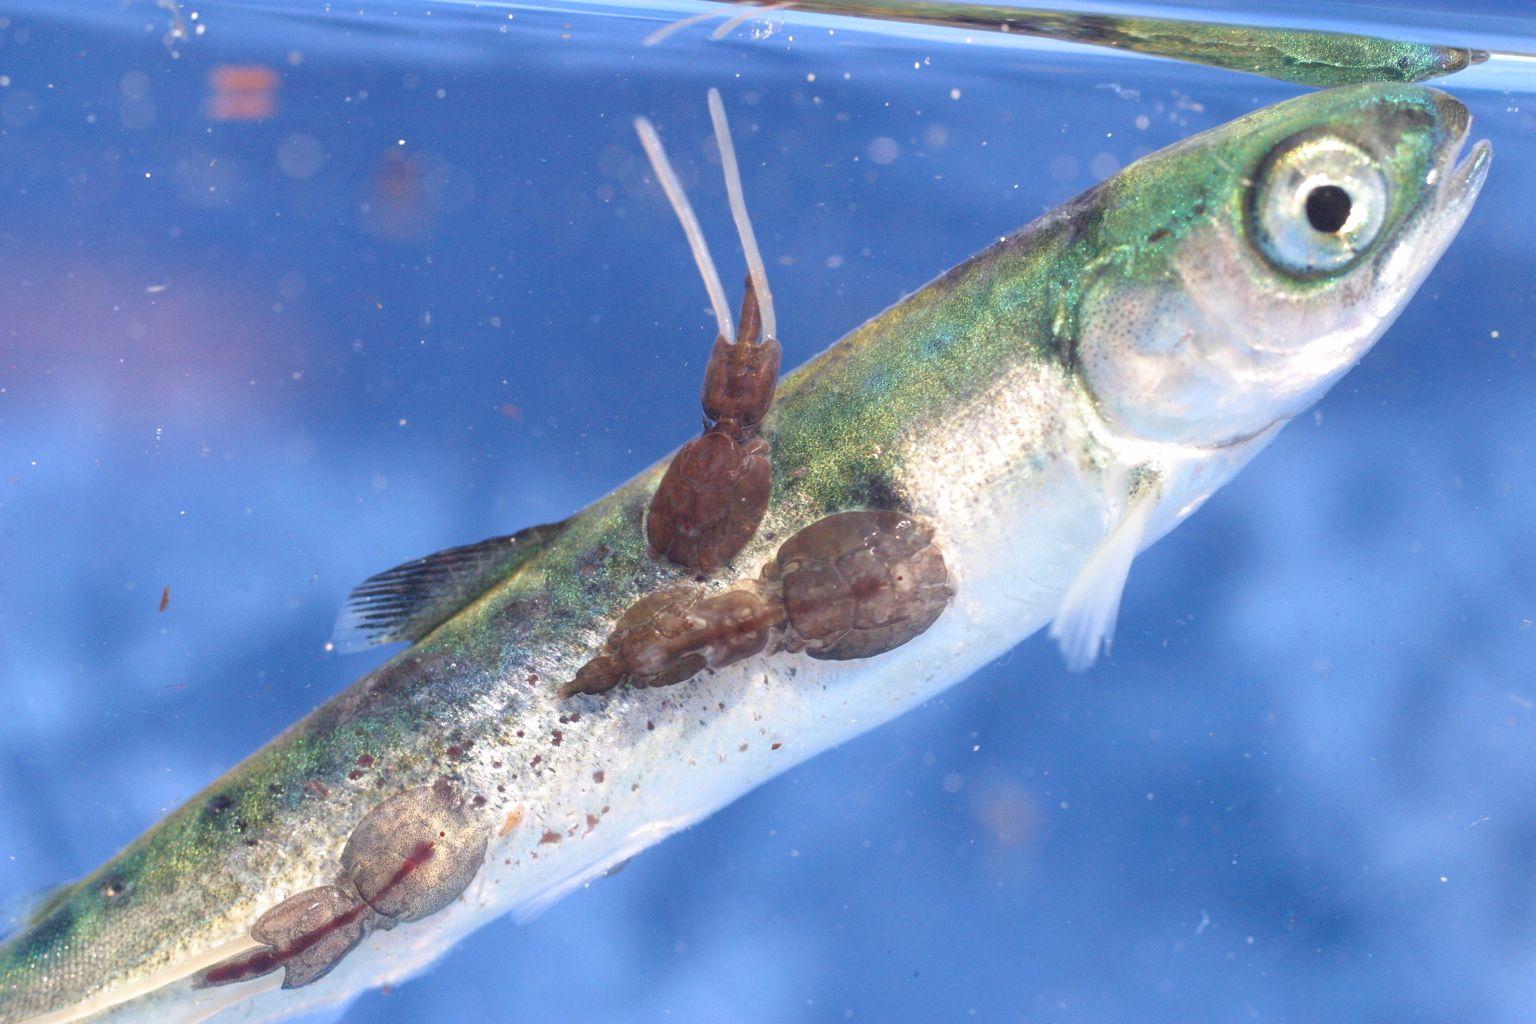 ryba paraziti hpv warts last how long